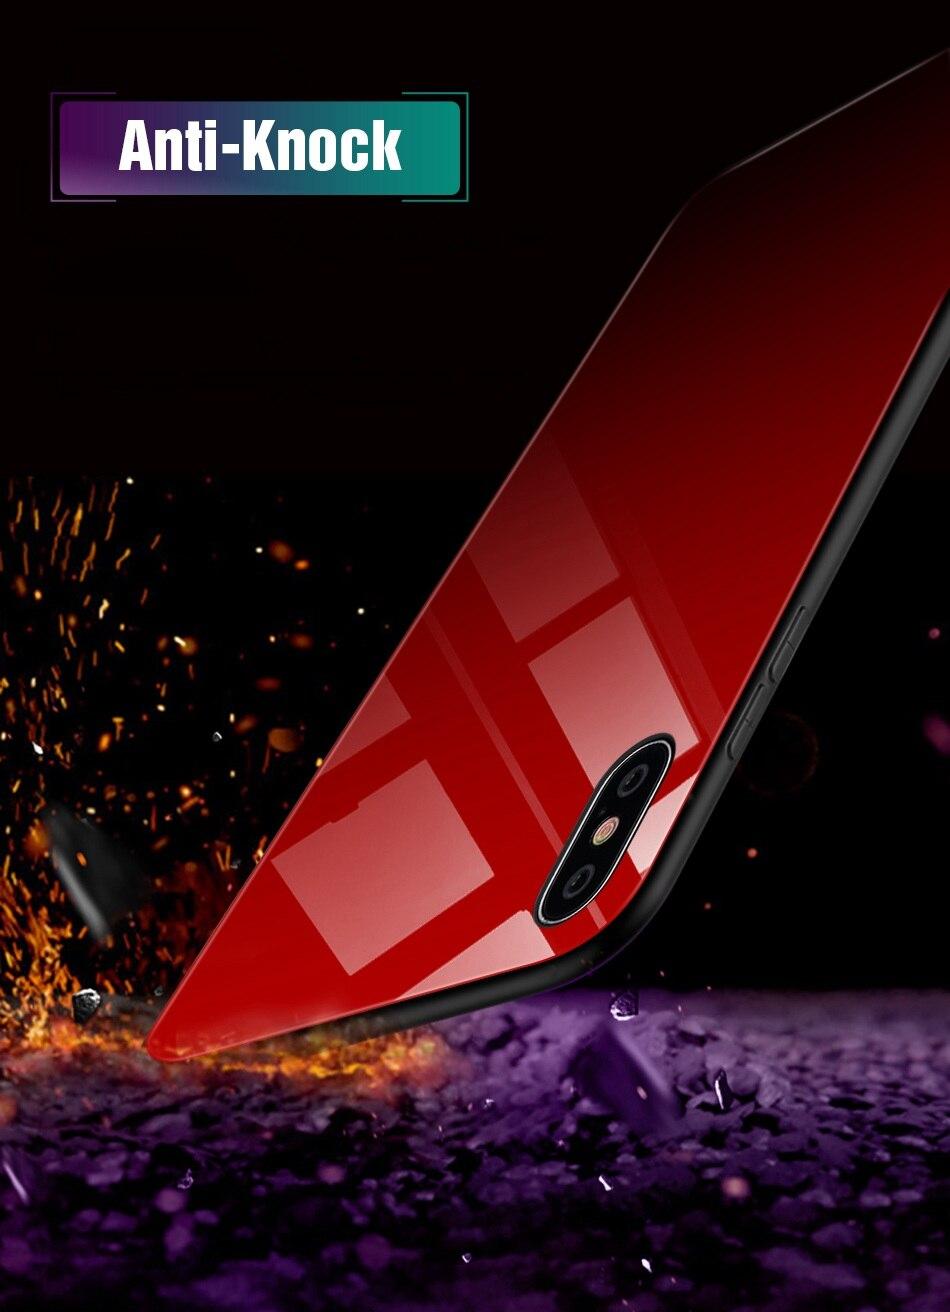 iPhone X Xr Xs Max豪华硅胶手机壳适用于iPhone 6的iPhone 7 8 Plus手机壳适用于iPhone 6 6S Coque的渐变钢化玻璃保护套(7)